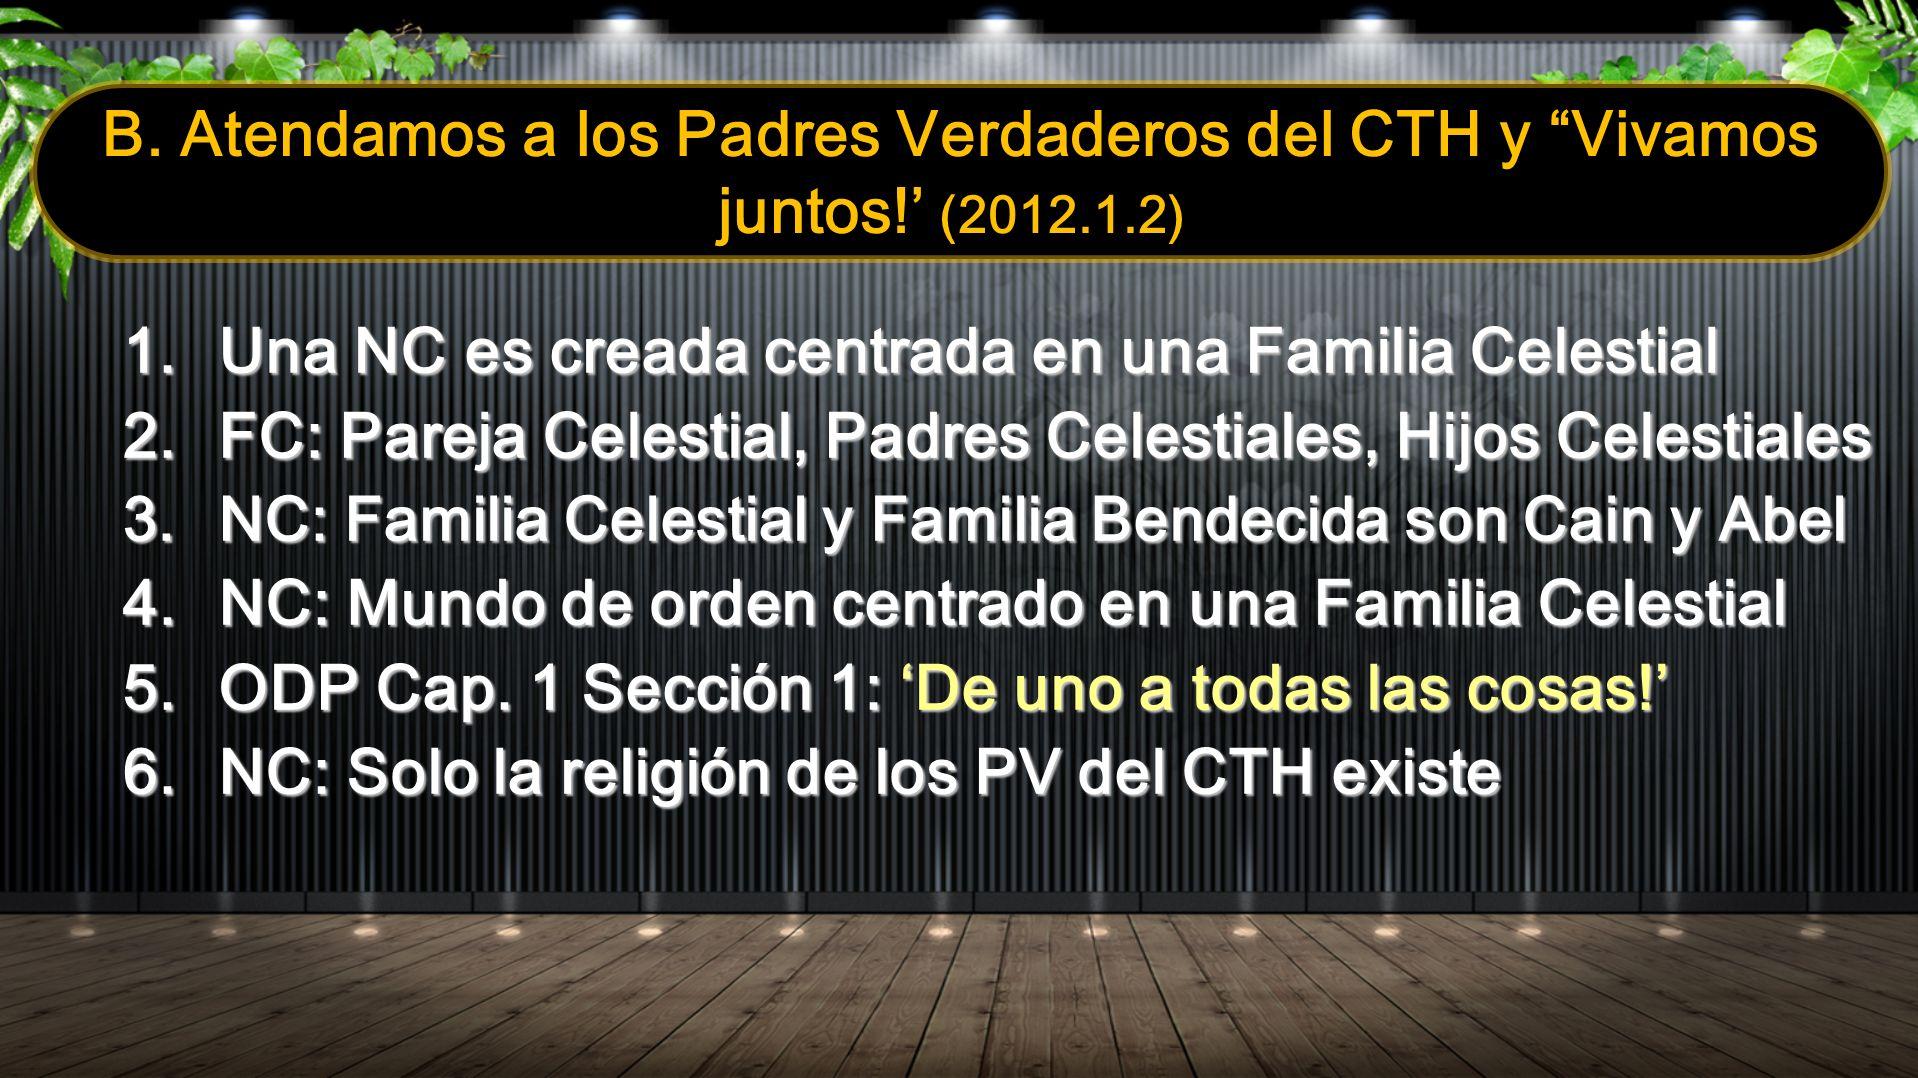 B. Atendamos a los Padres Verdaderos del CTH y Vivamos juntos! (2012.1.2) 1. Una NC es creada centrada en una Familia Celestial 2. FC: Pareja Celestia